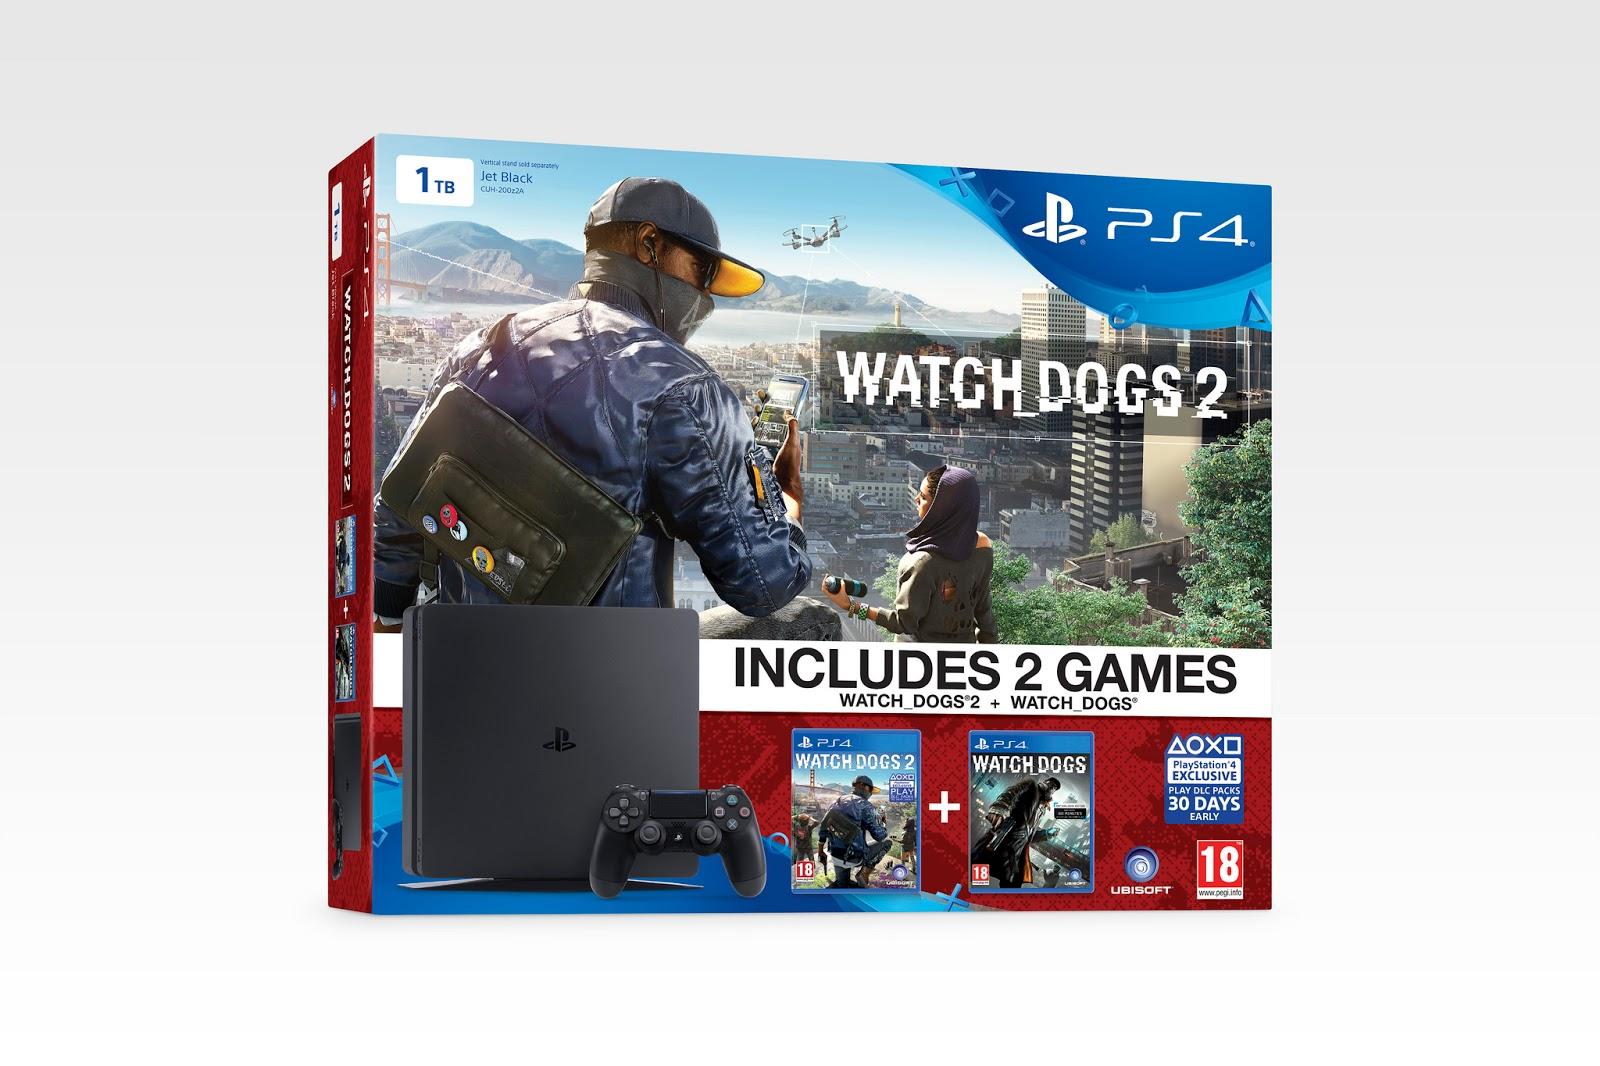 Se muestran tres packs de PS4 Slim con videojuegos